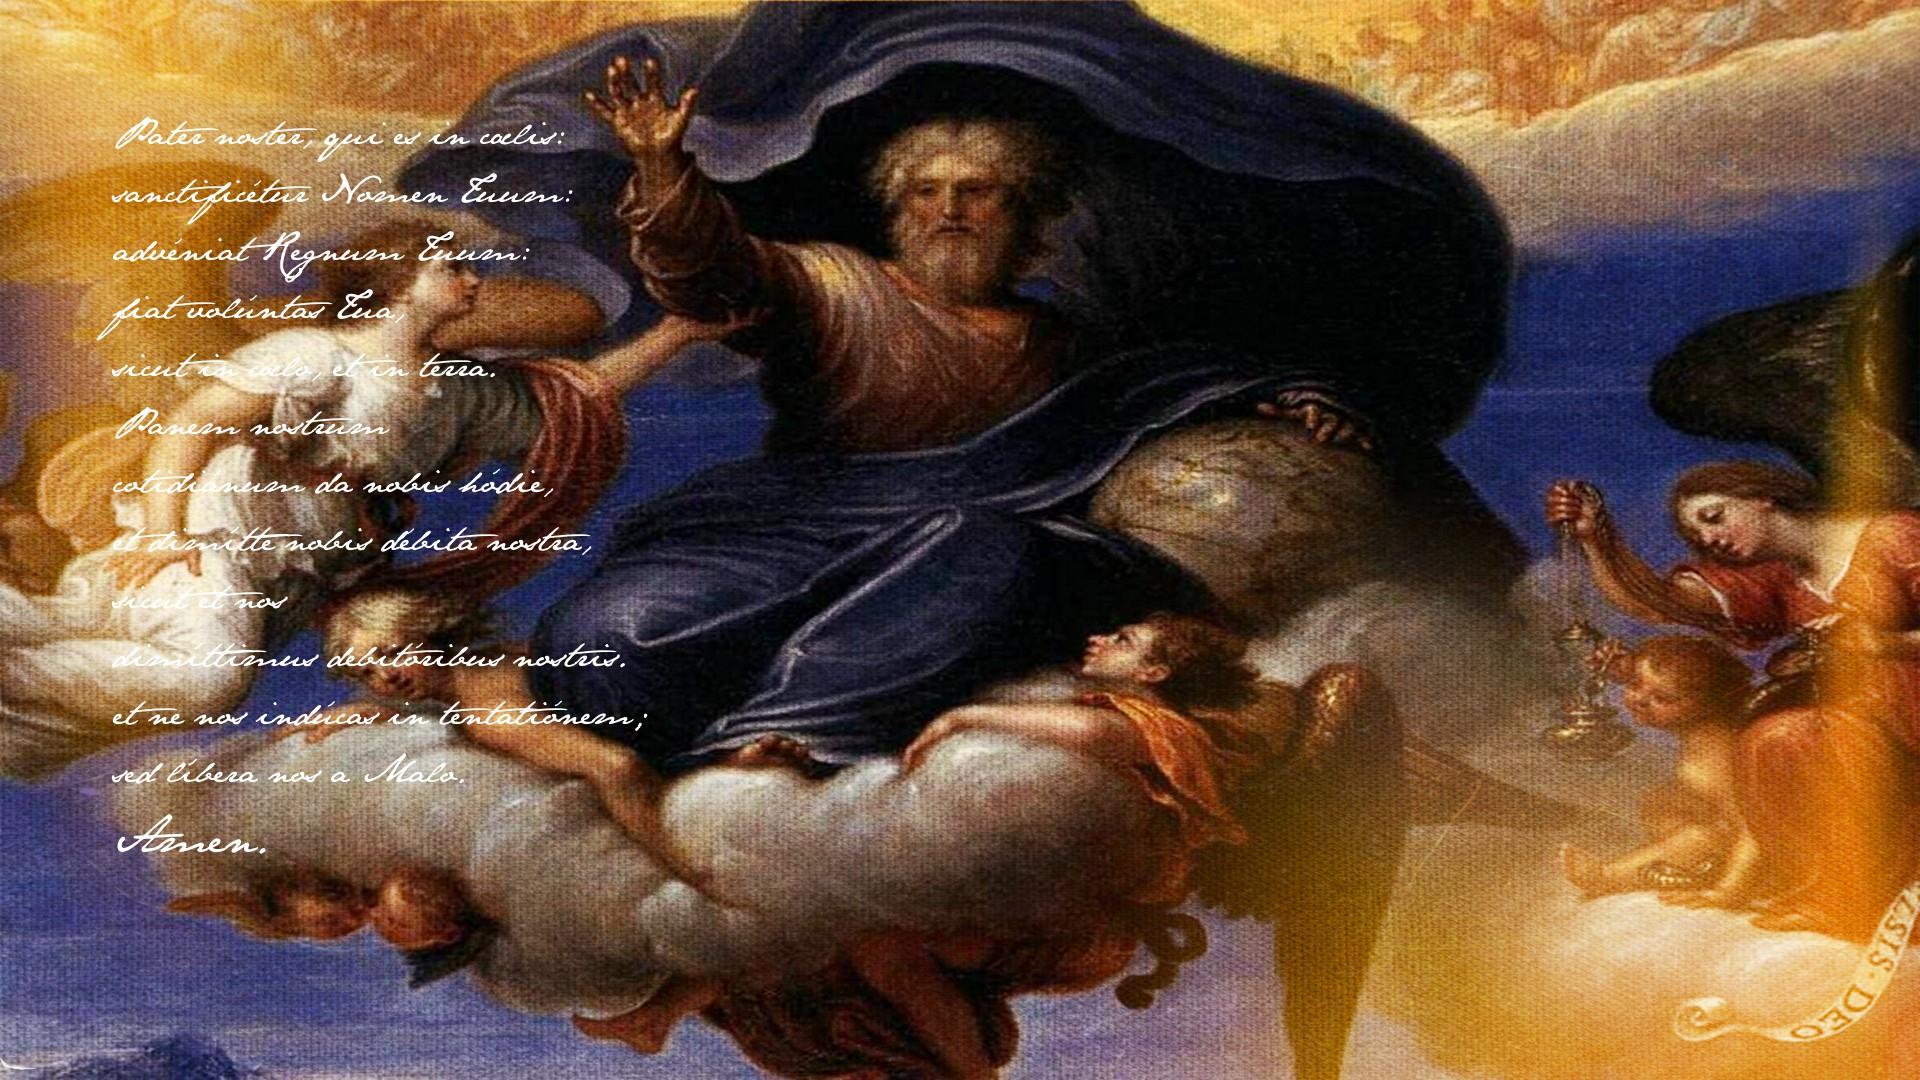 Papel De Parede 1920x1080 Px Anjo Deus Pater Noster